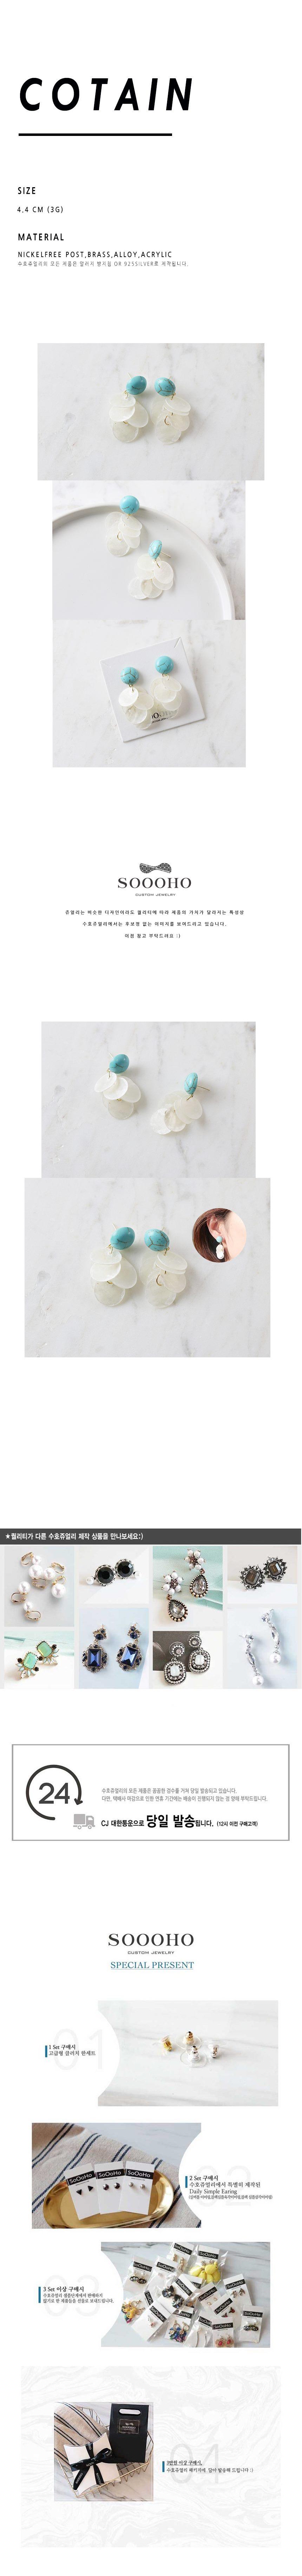 cotain 925실버 터키석 화이트 자개 드롭 귀걸이 - 수호쥬얼리, 14,500원, 진주/원석, 드롭귀걸이